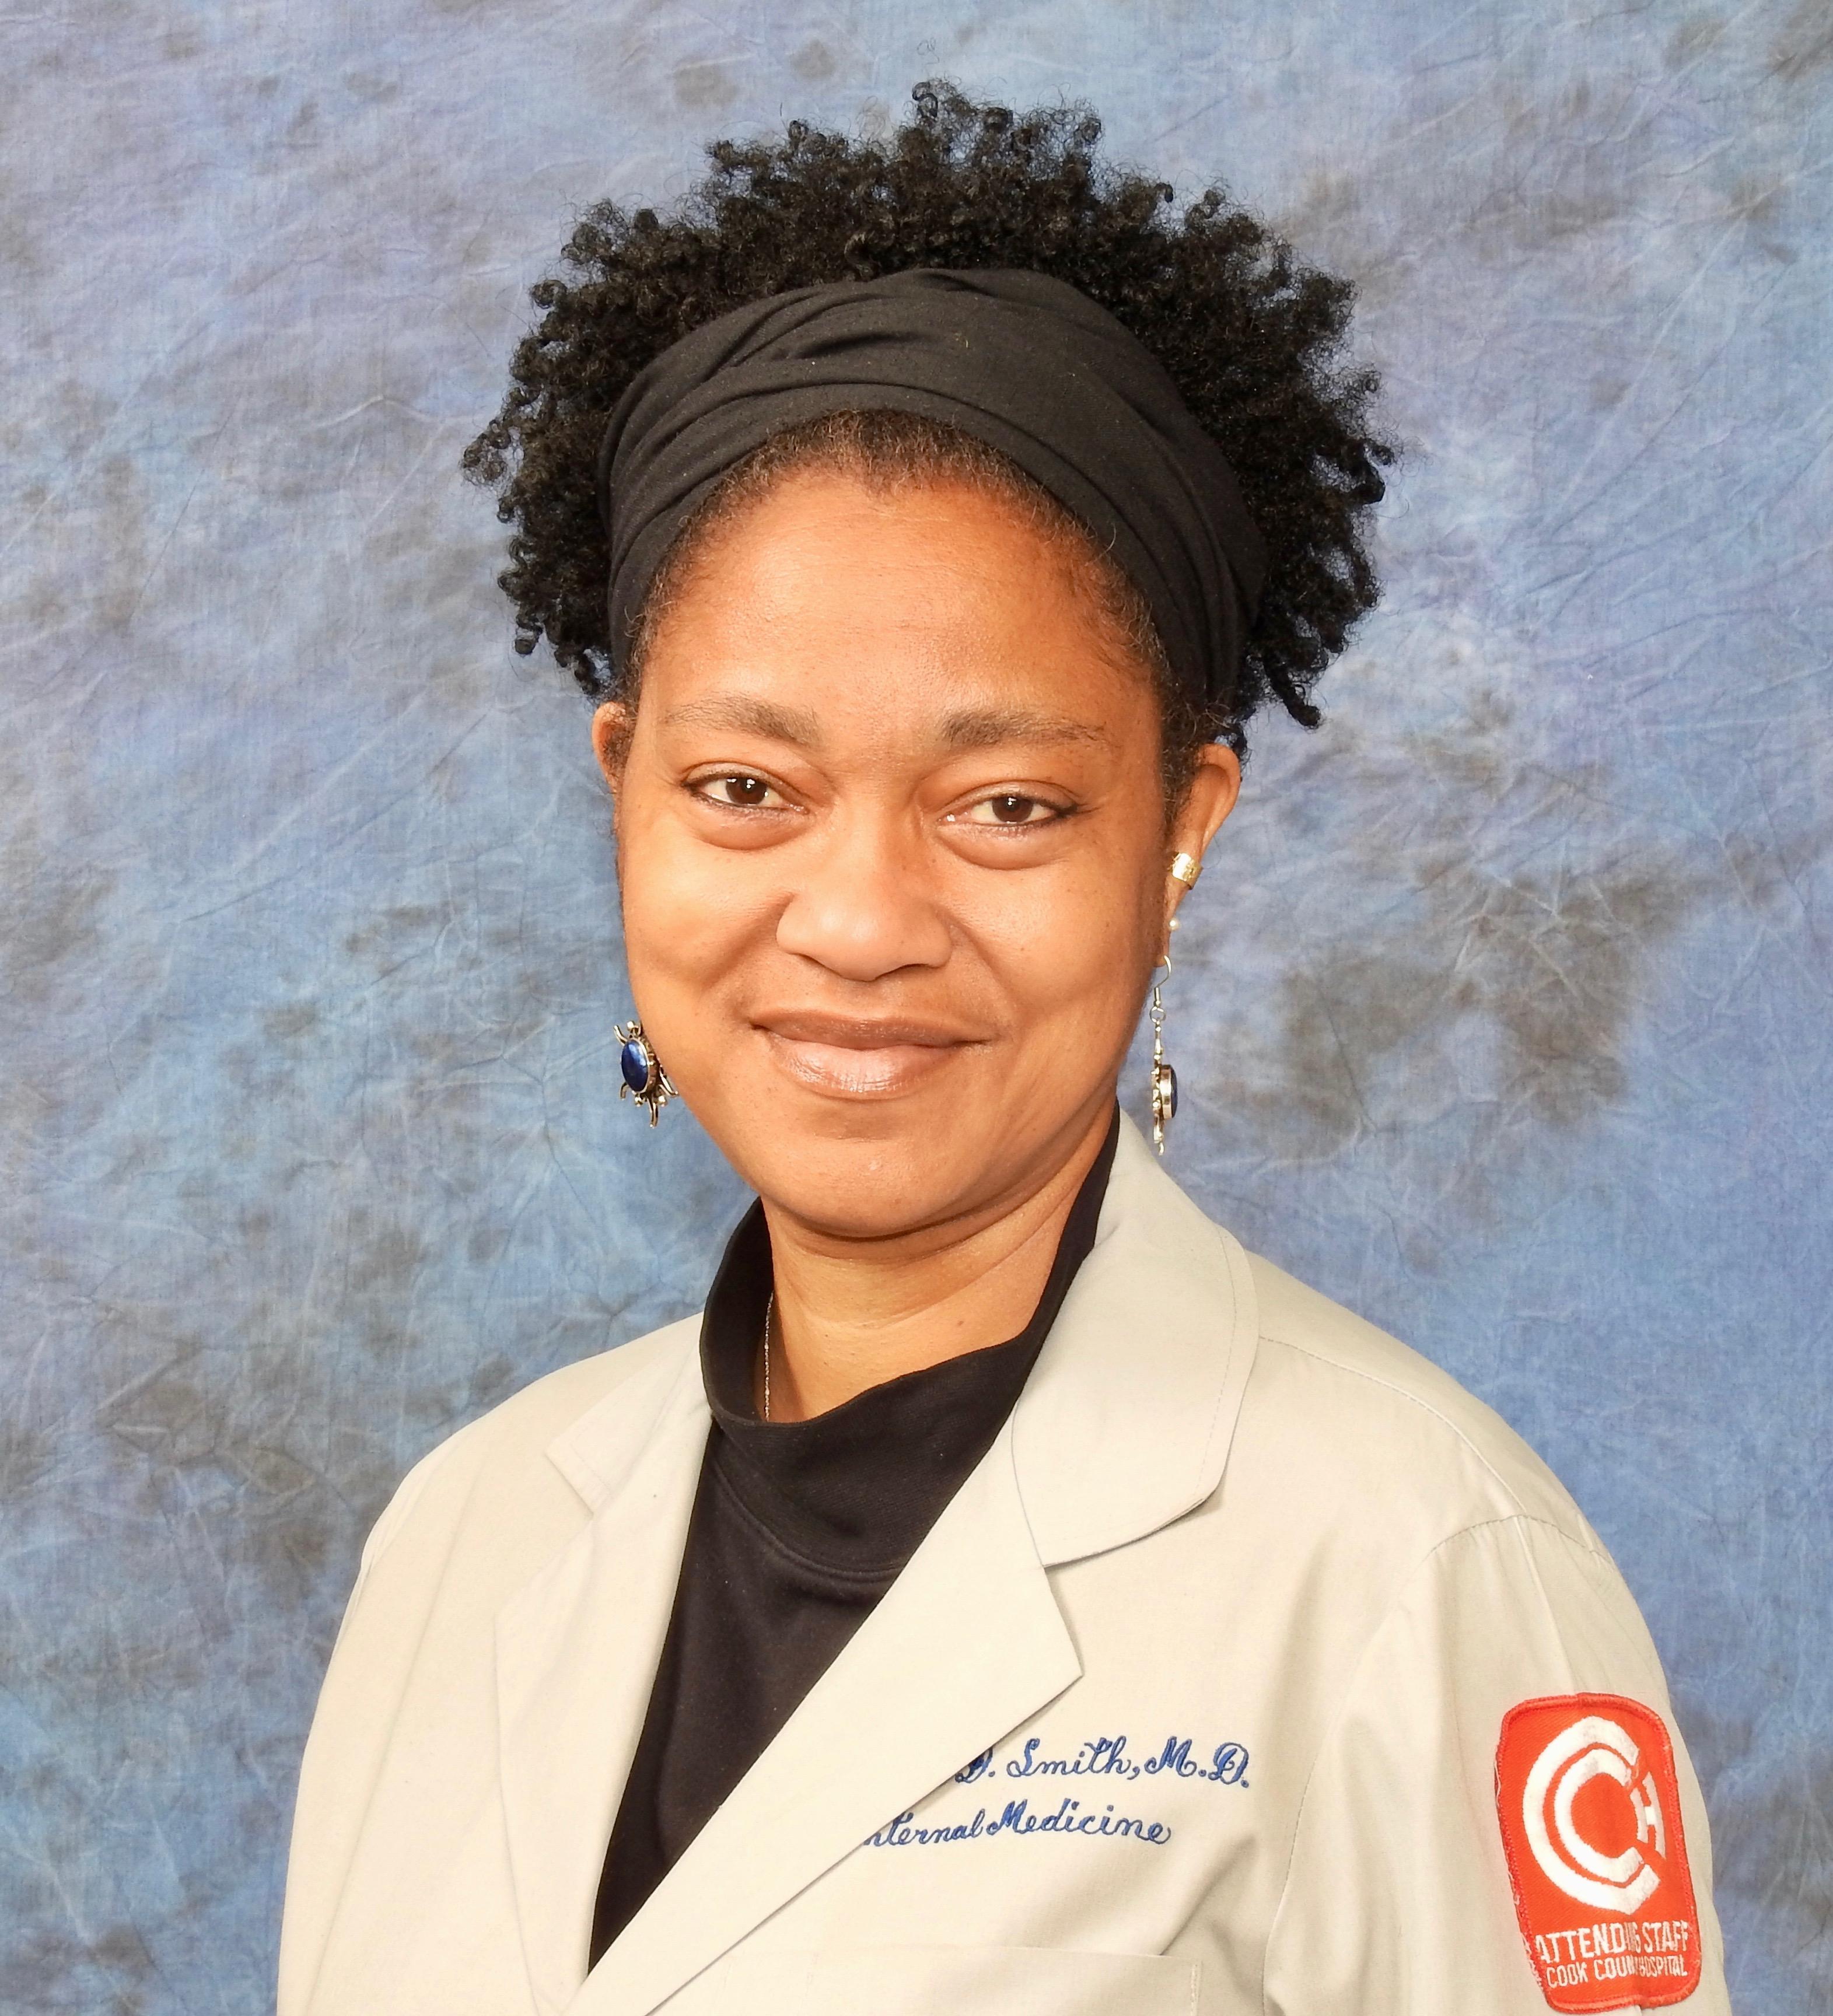 Pamela D. Smith, MD